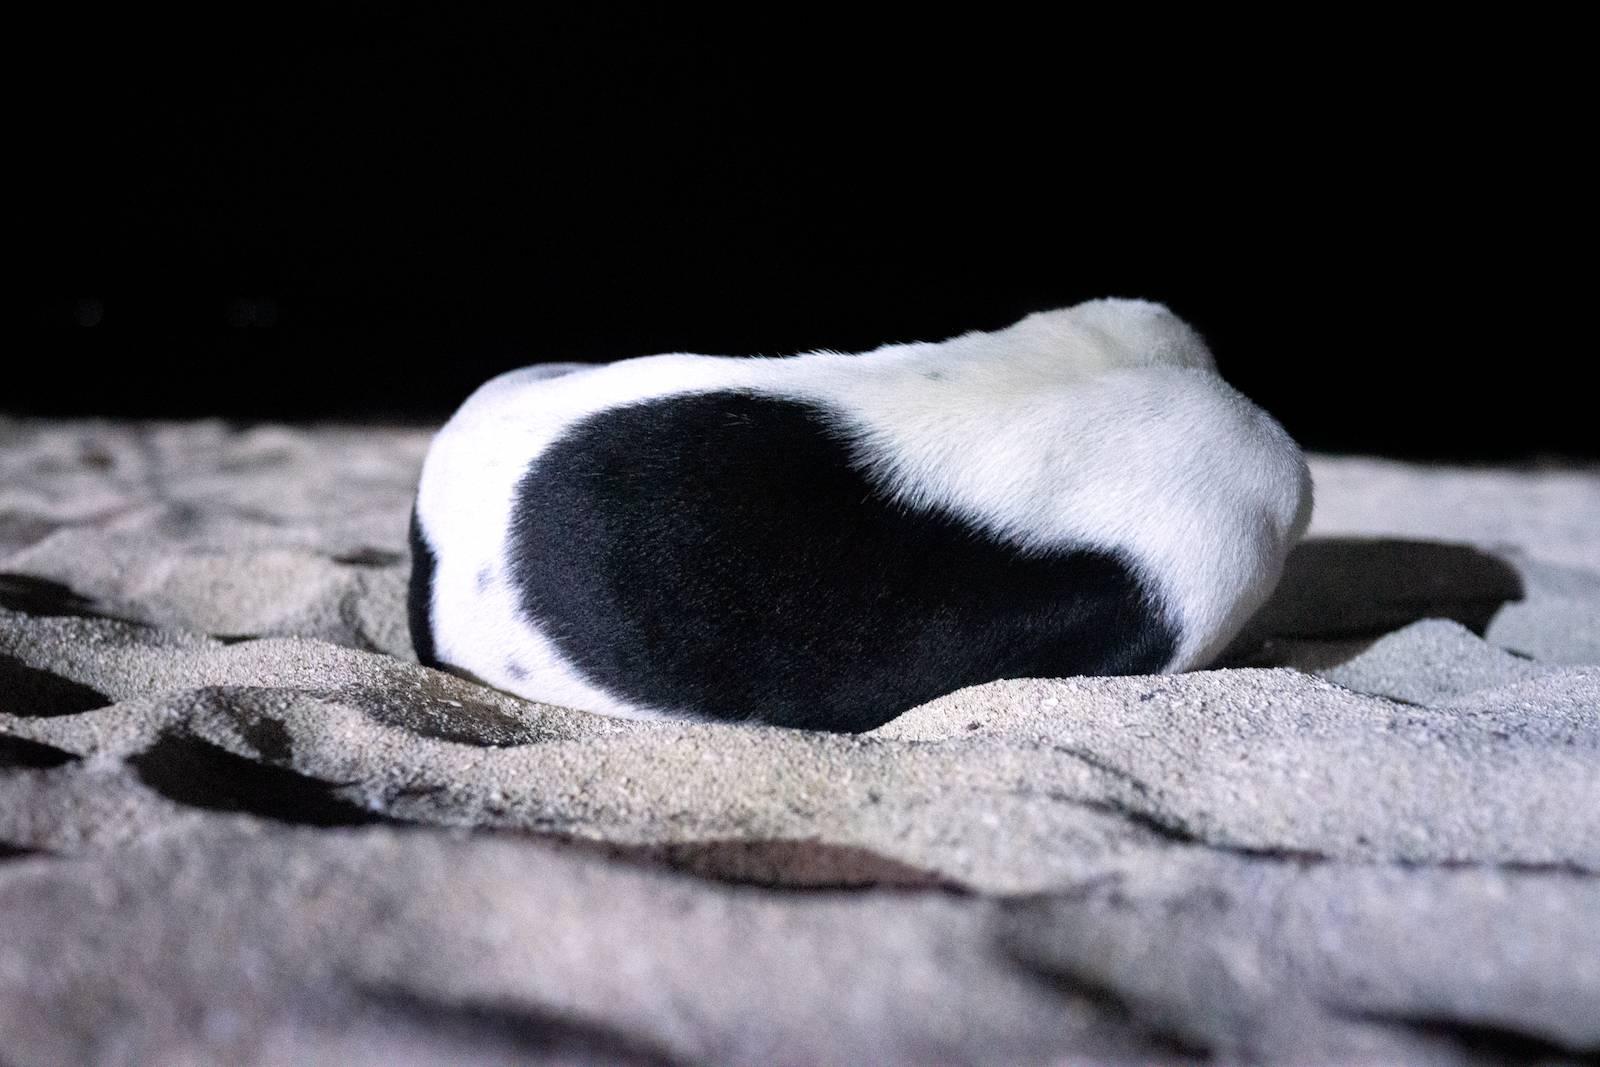 Dog in Dark, 2019. Archival inkjet print, 80 x 120 cm. Ed 5 + 1AP